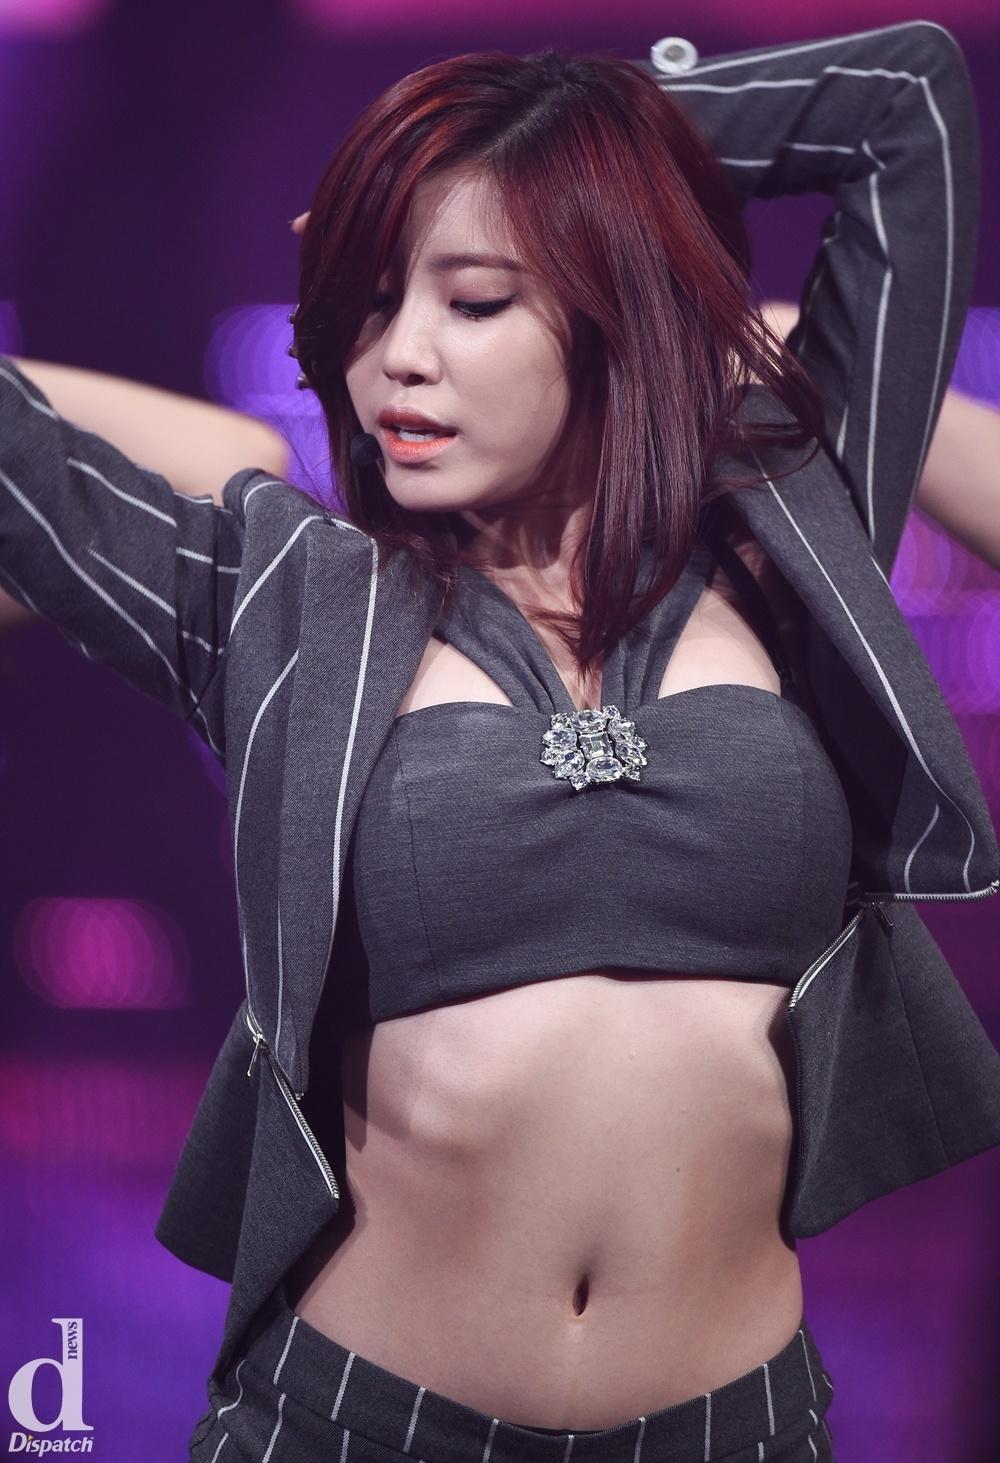 Video sex girl best singer korea